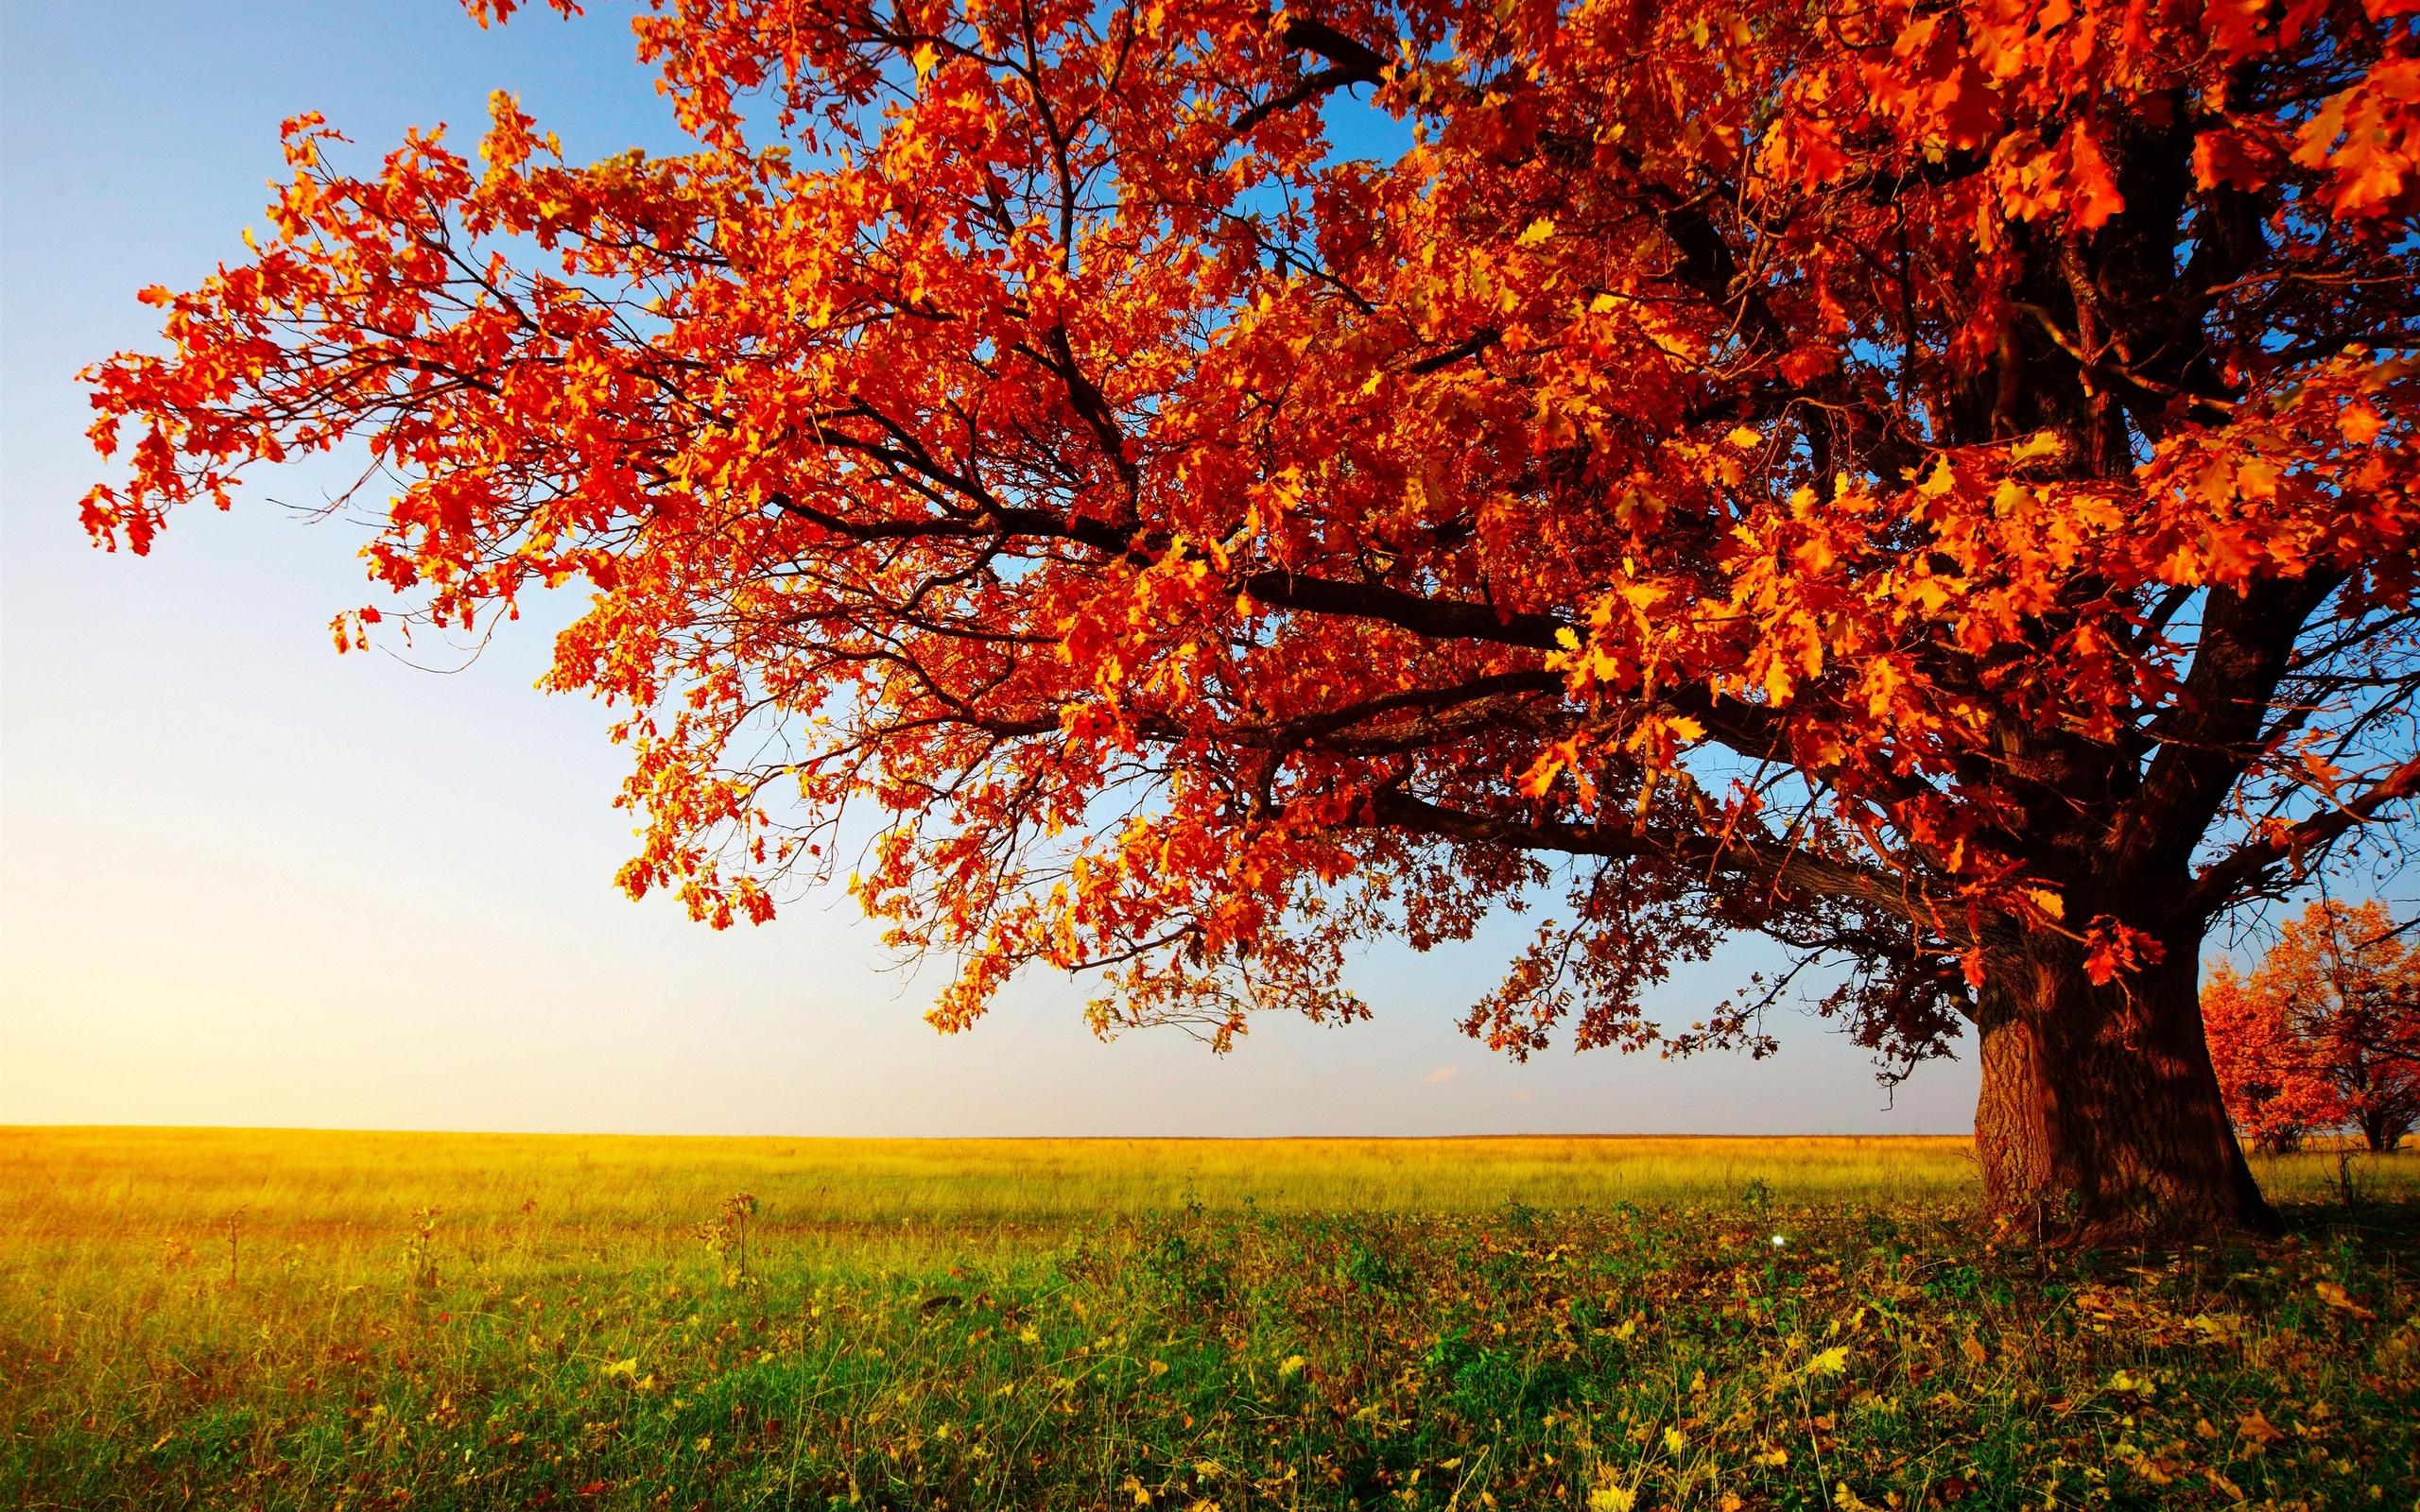 осень листья дерево autumn leaves tree бесплатно